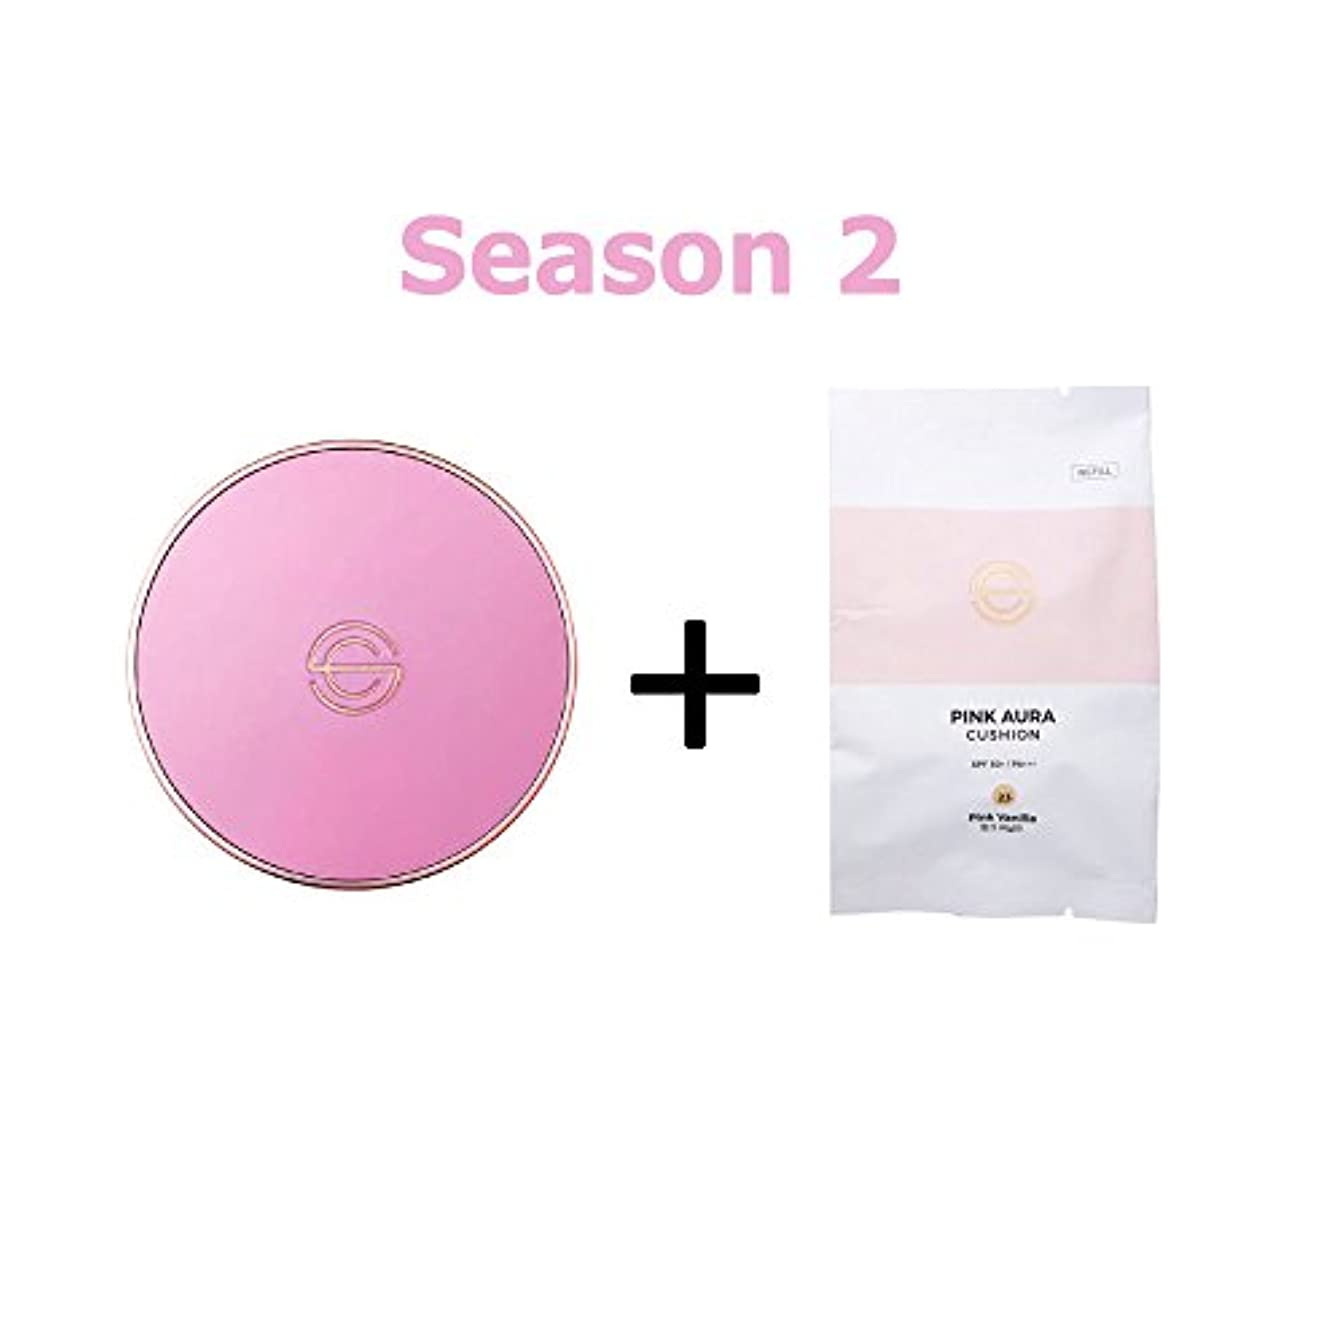 怒っている暗黙不幸[Season 2] DPC Pink Aura Cushion 15g + Refill 15g/DPC ピンク オーラ クッション 15g + リフィル 15g (#23 Pink Vanilla) [並行輸入品]